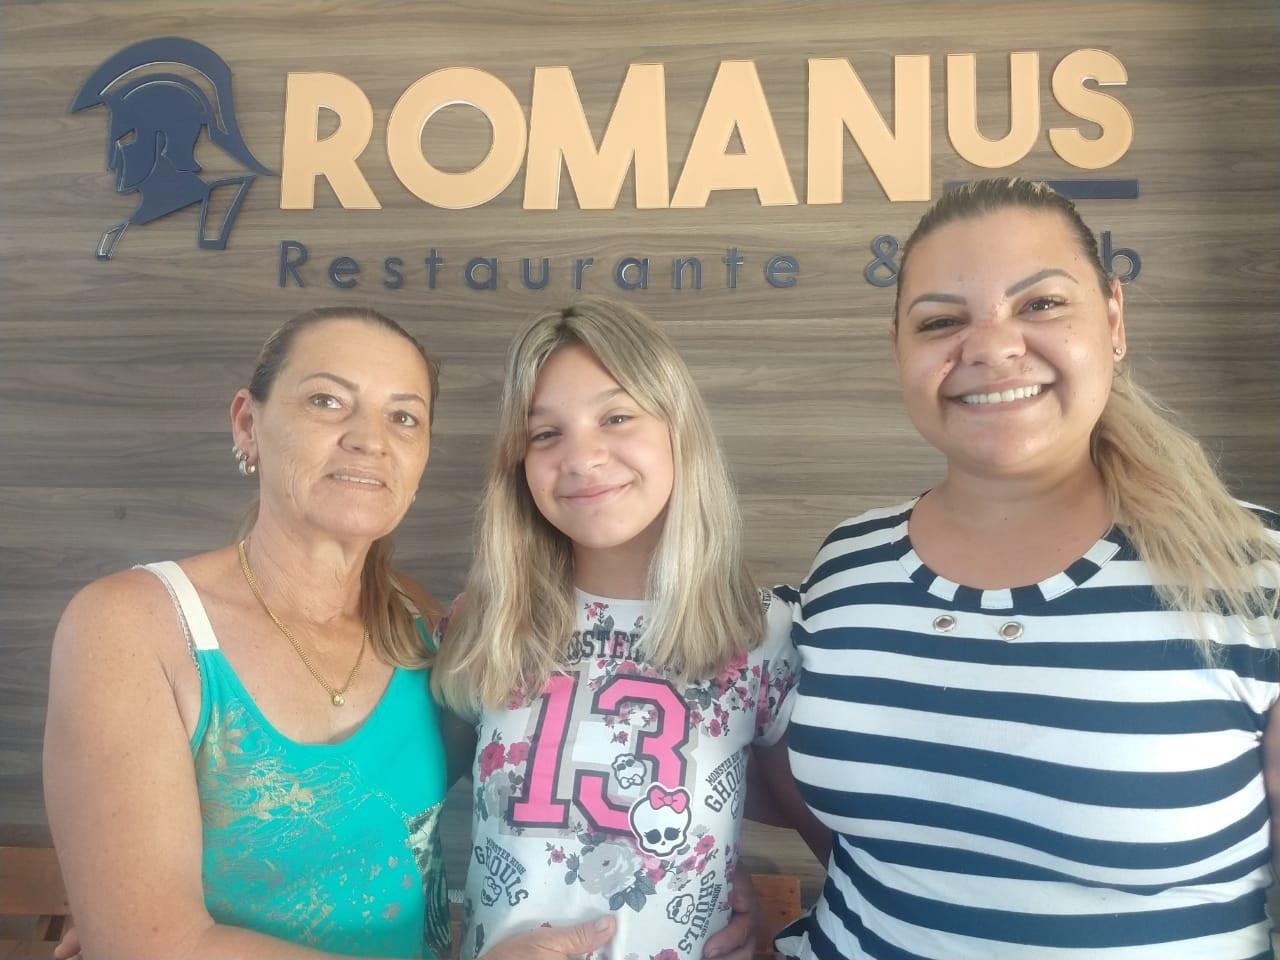 Romanus Restaurante